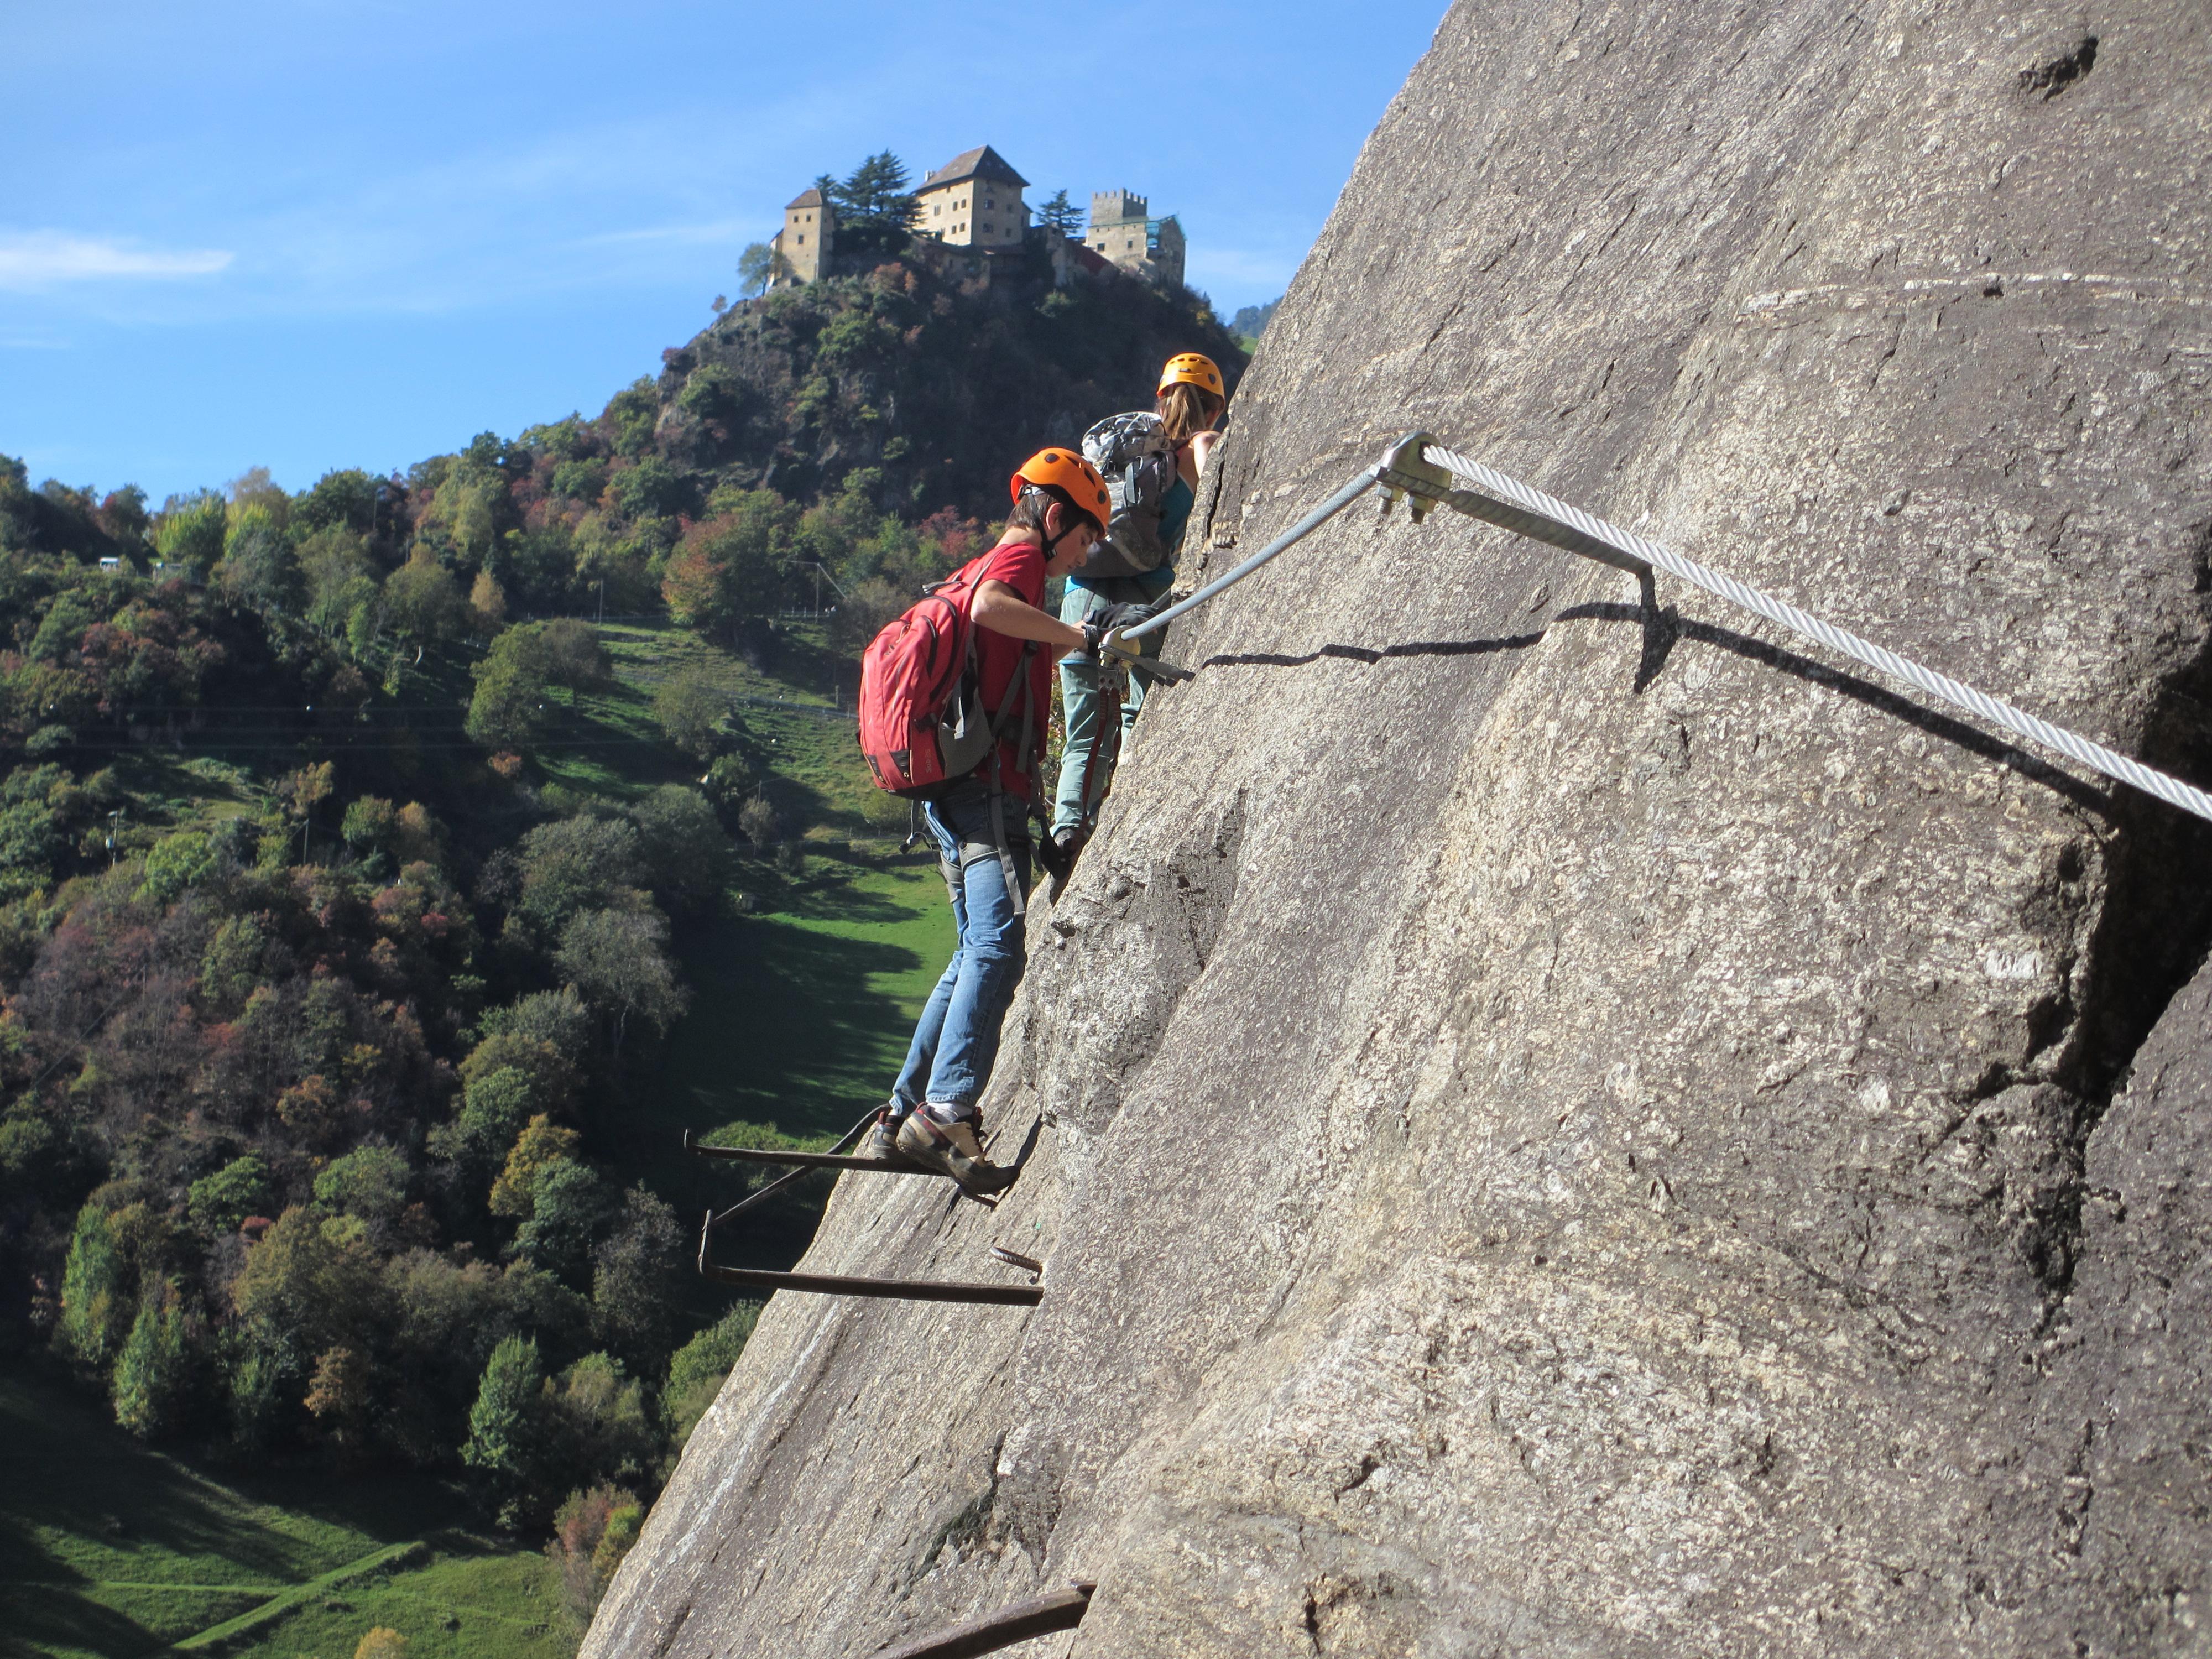 Klettersteig Meran : Klettersteig hoachwool naturns meraner land